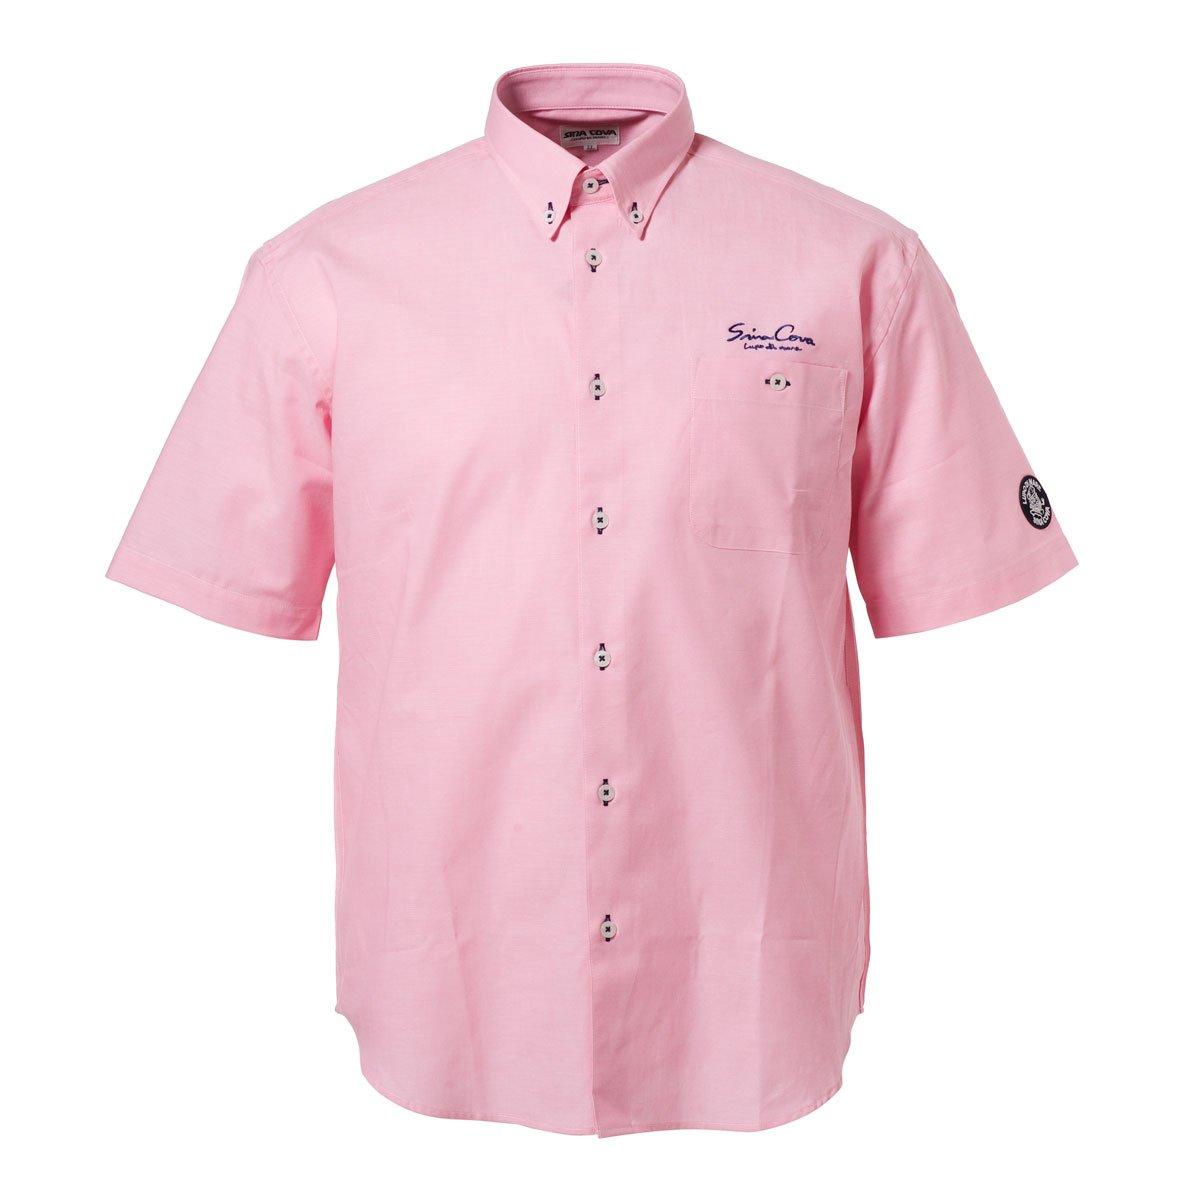 (シナコバ) SINA COVA 半袖ボタンダウンシャツ B07BXTR7TQ M ブライトピンク ブライトピンク M